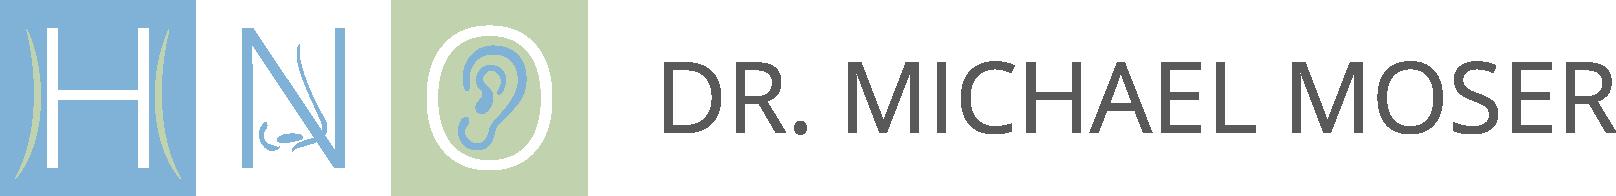 HNO Ordination Linz Dr. Moser